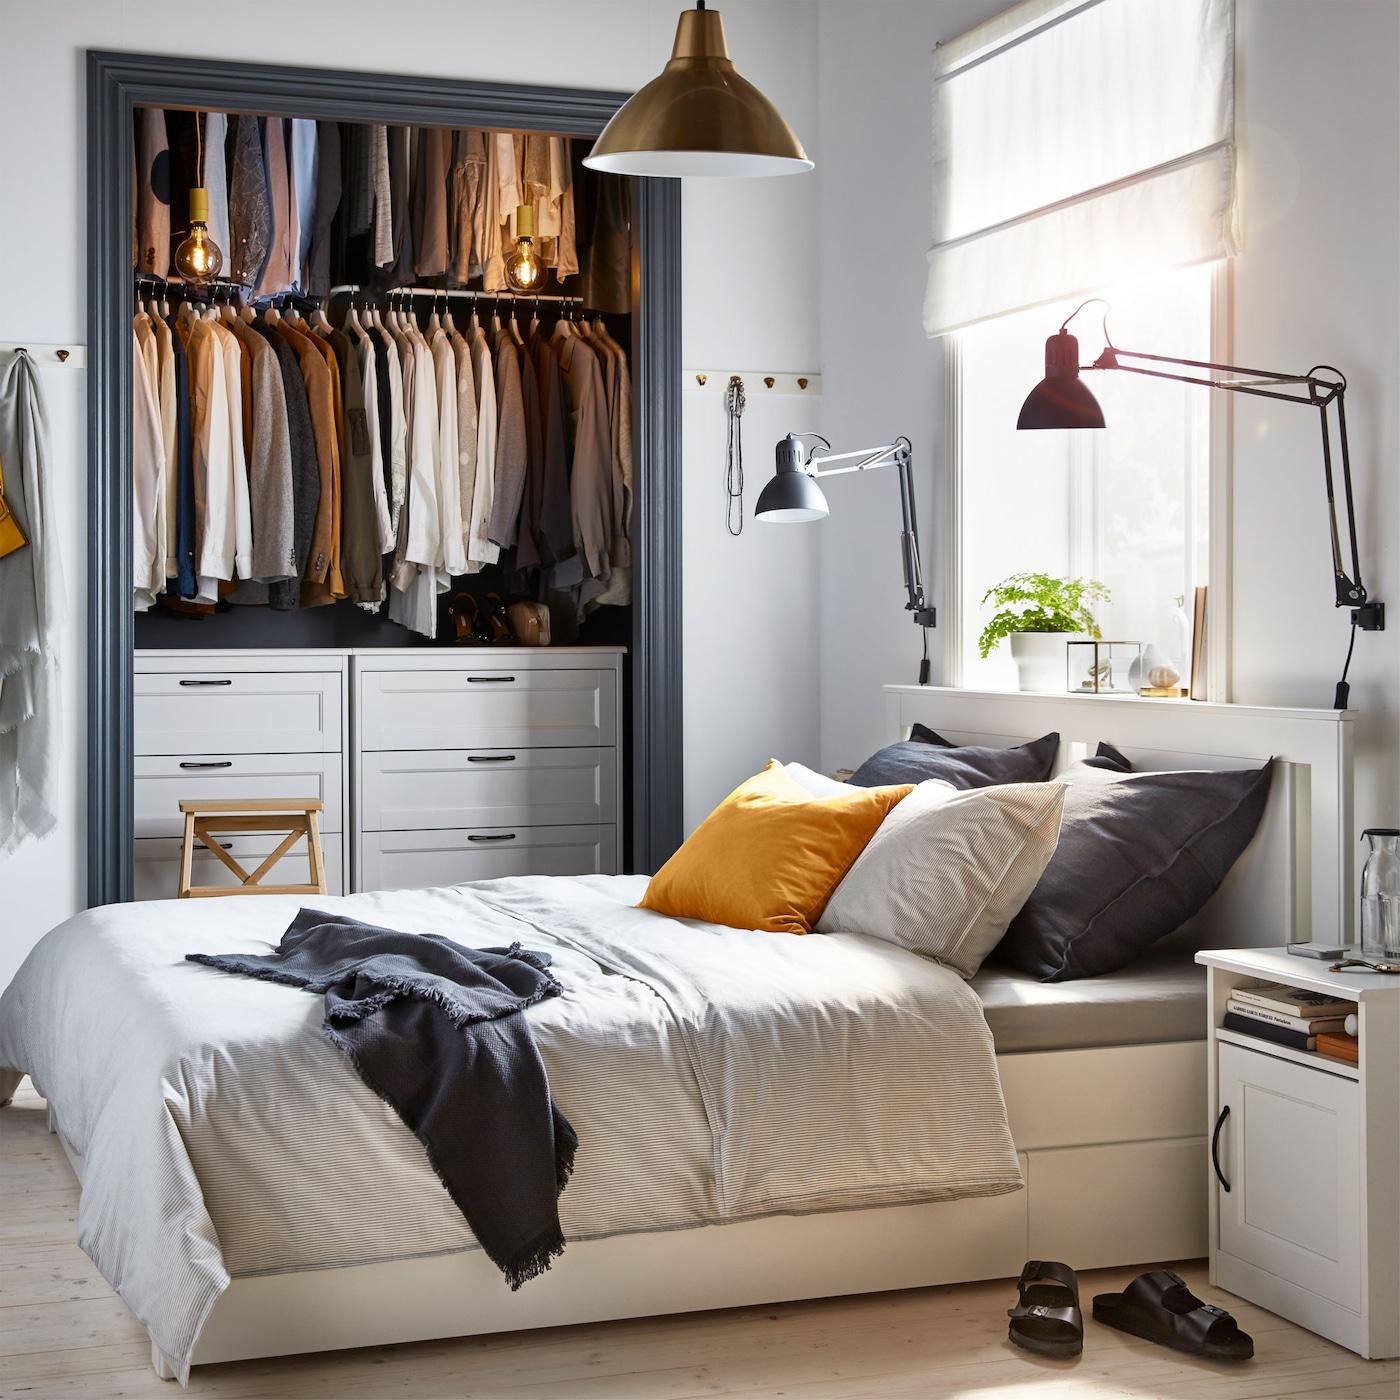 Cadrul alb pentru pat SONGESAND de la IKEA, cu 4 cutii de depozitare, reprezintă soluția perfectă 2 în 1 pentru un dormitor mic.